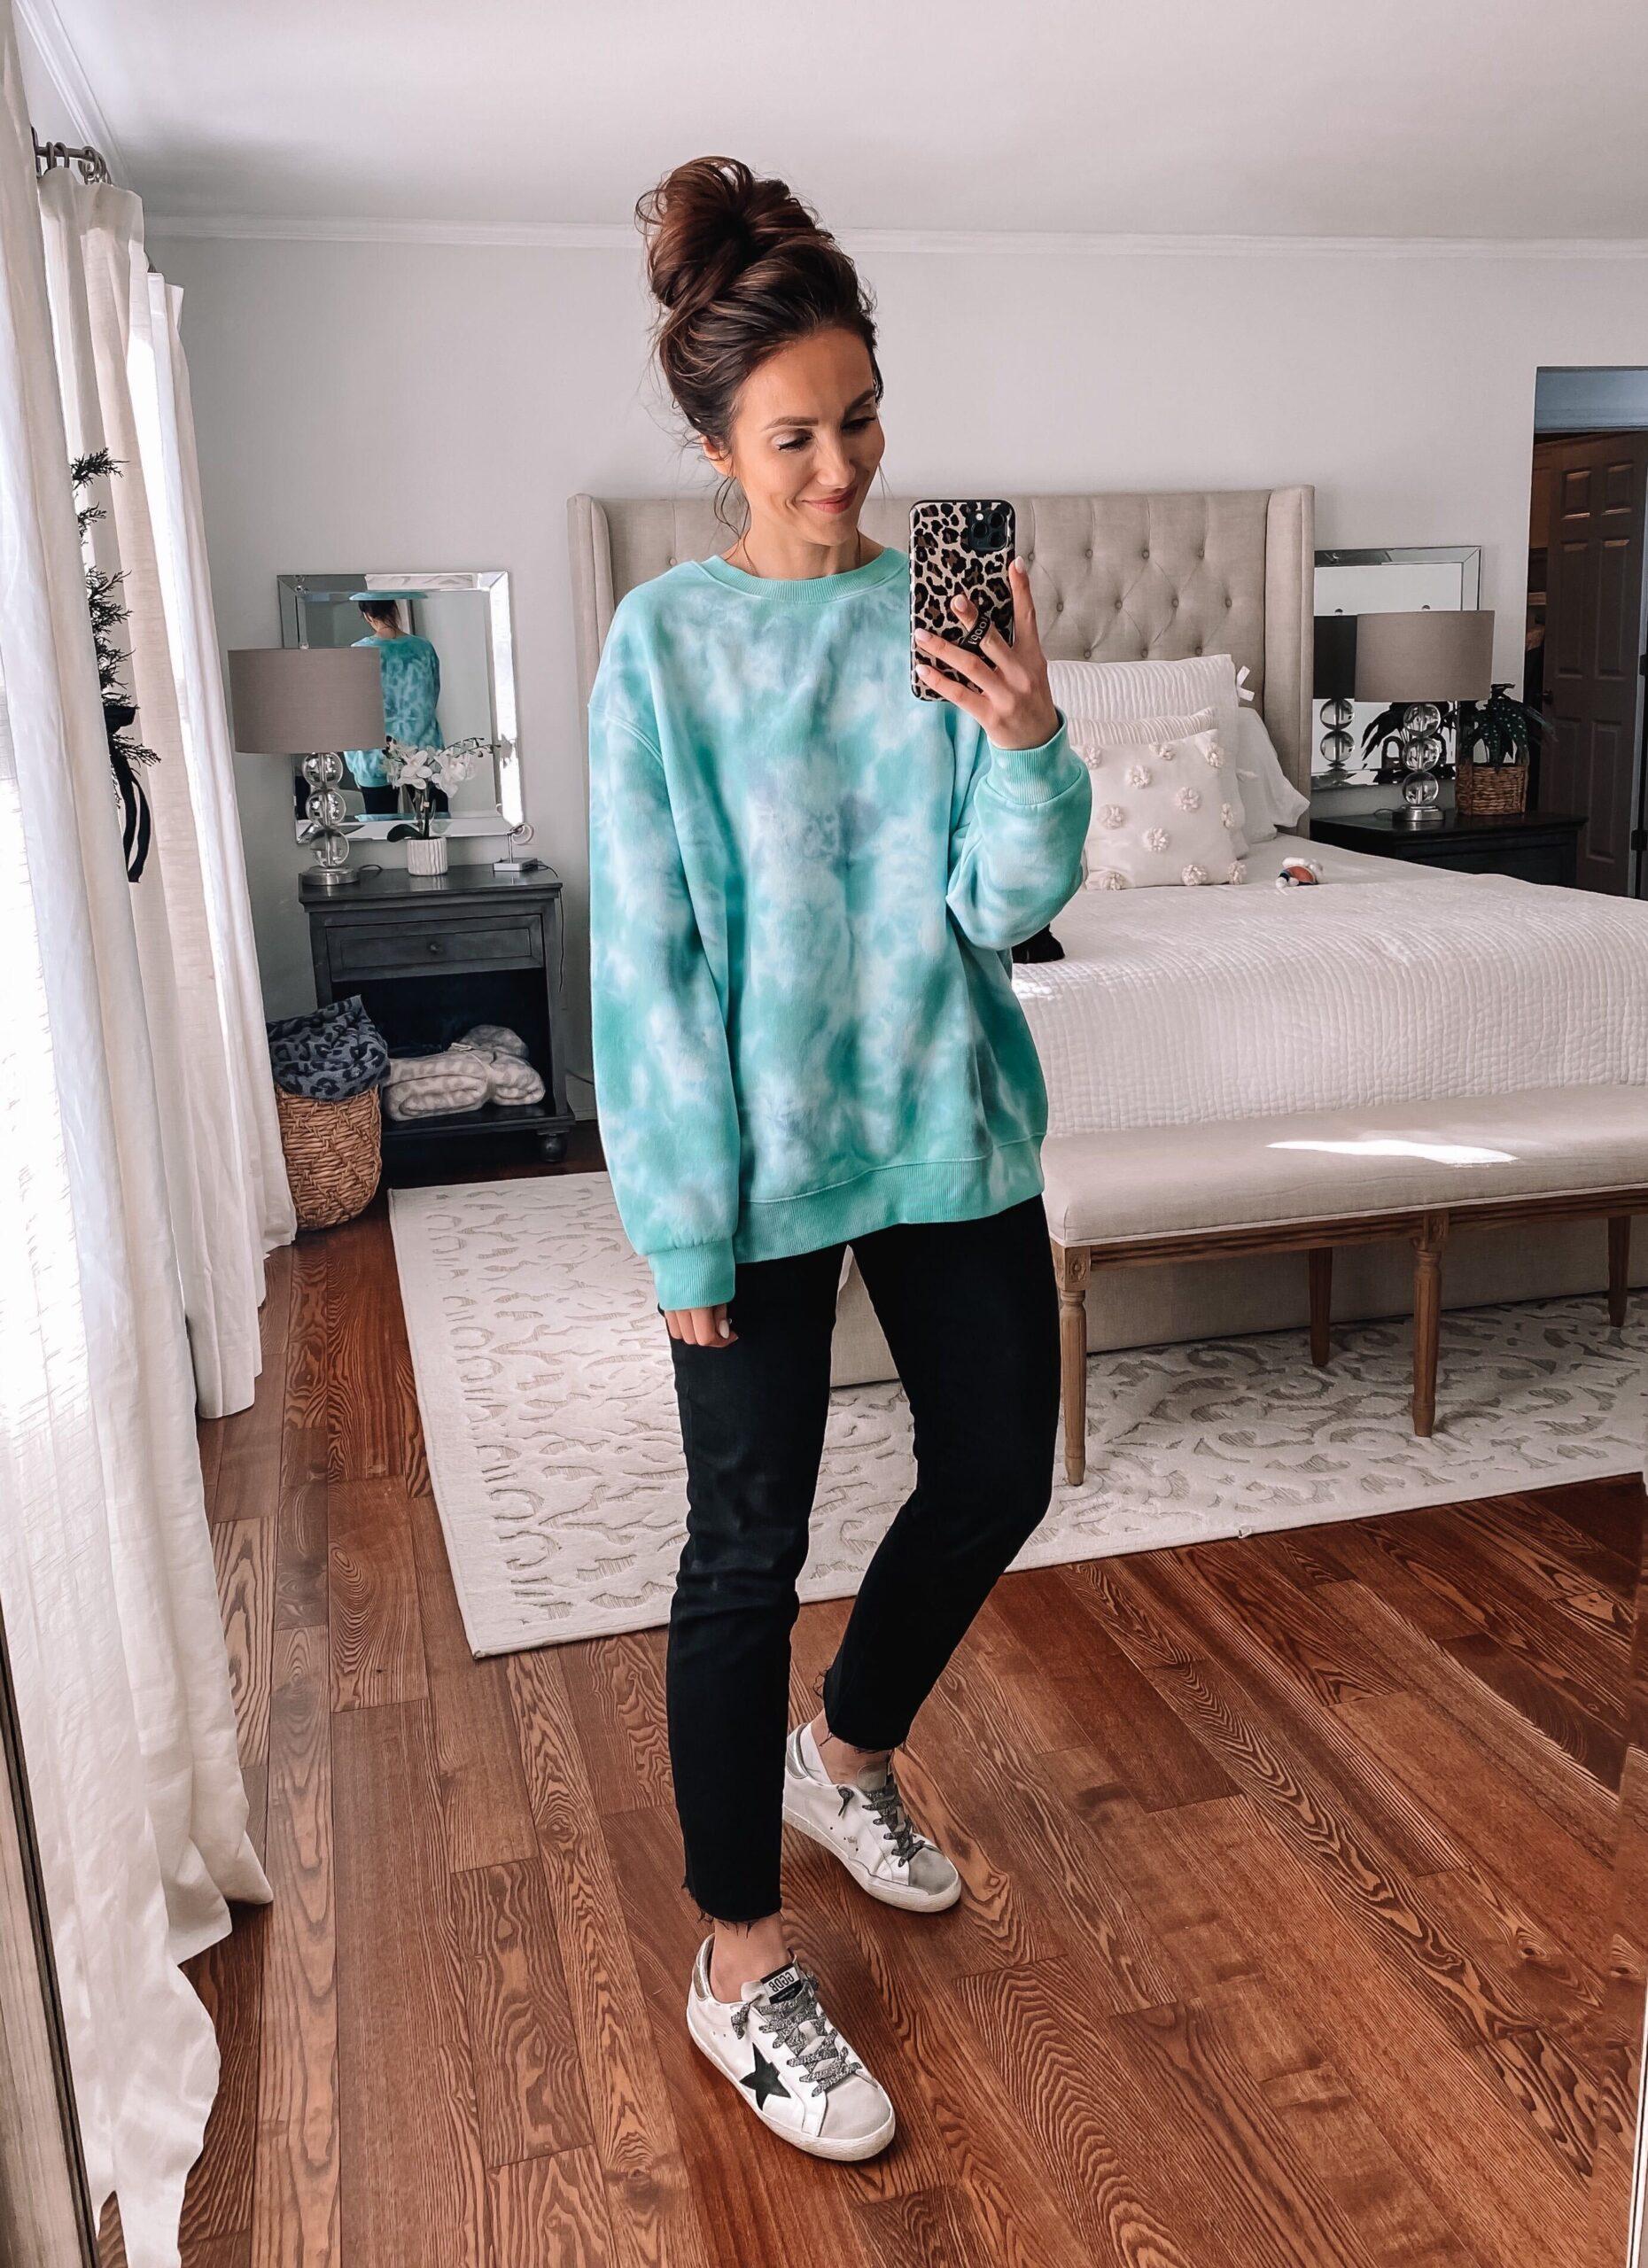 target style, target tie dye sweatshirt